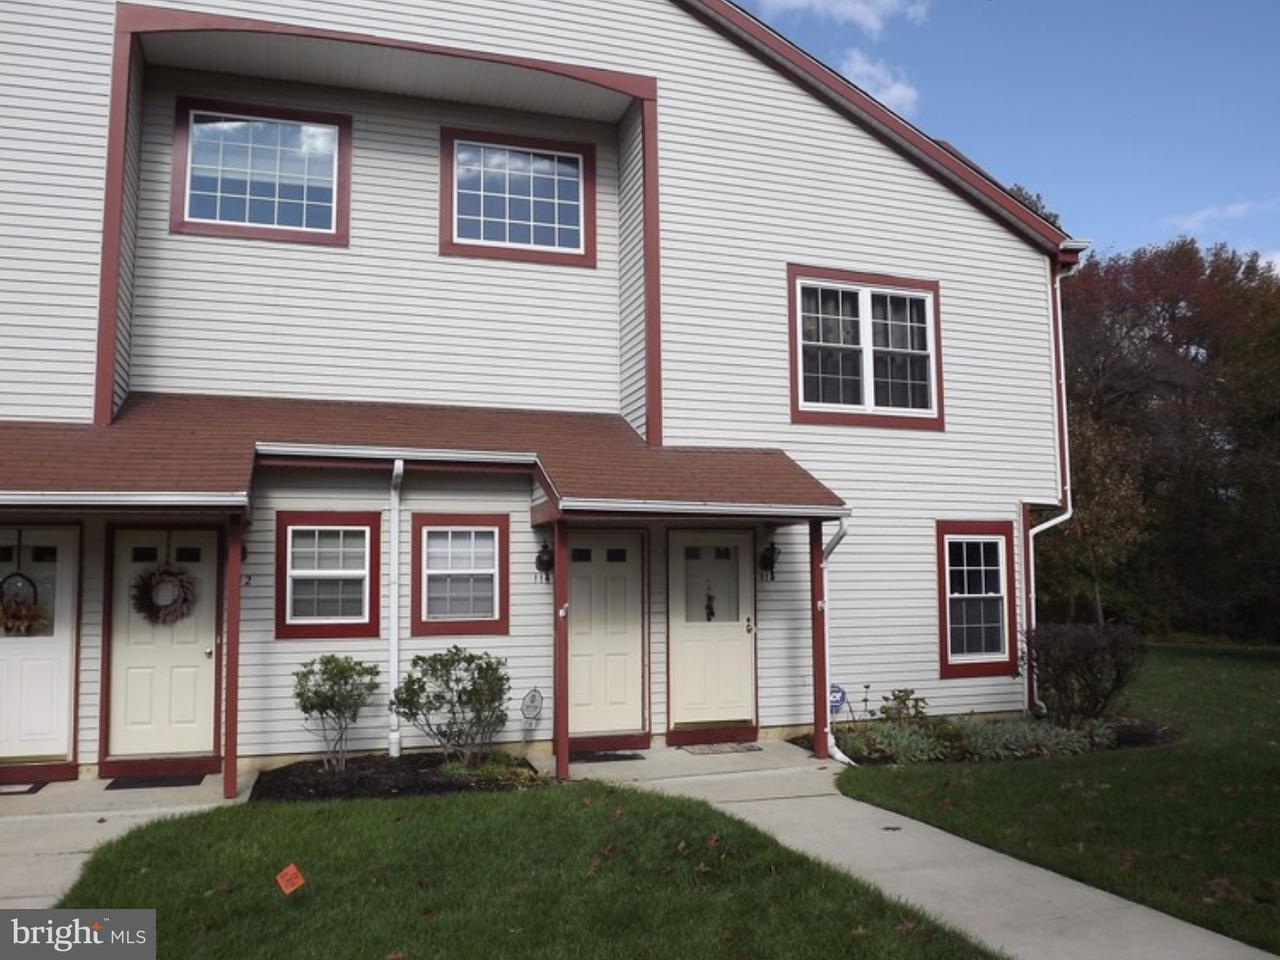 Casa Unifamiliar por un Alquiler en 114 ANDOVER Place Robbinsville, Nueva Jersey 08691 Estados UnidosEn/Alrededor: Robbinsville Township